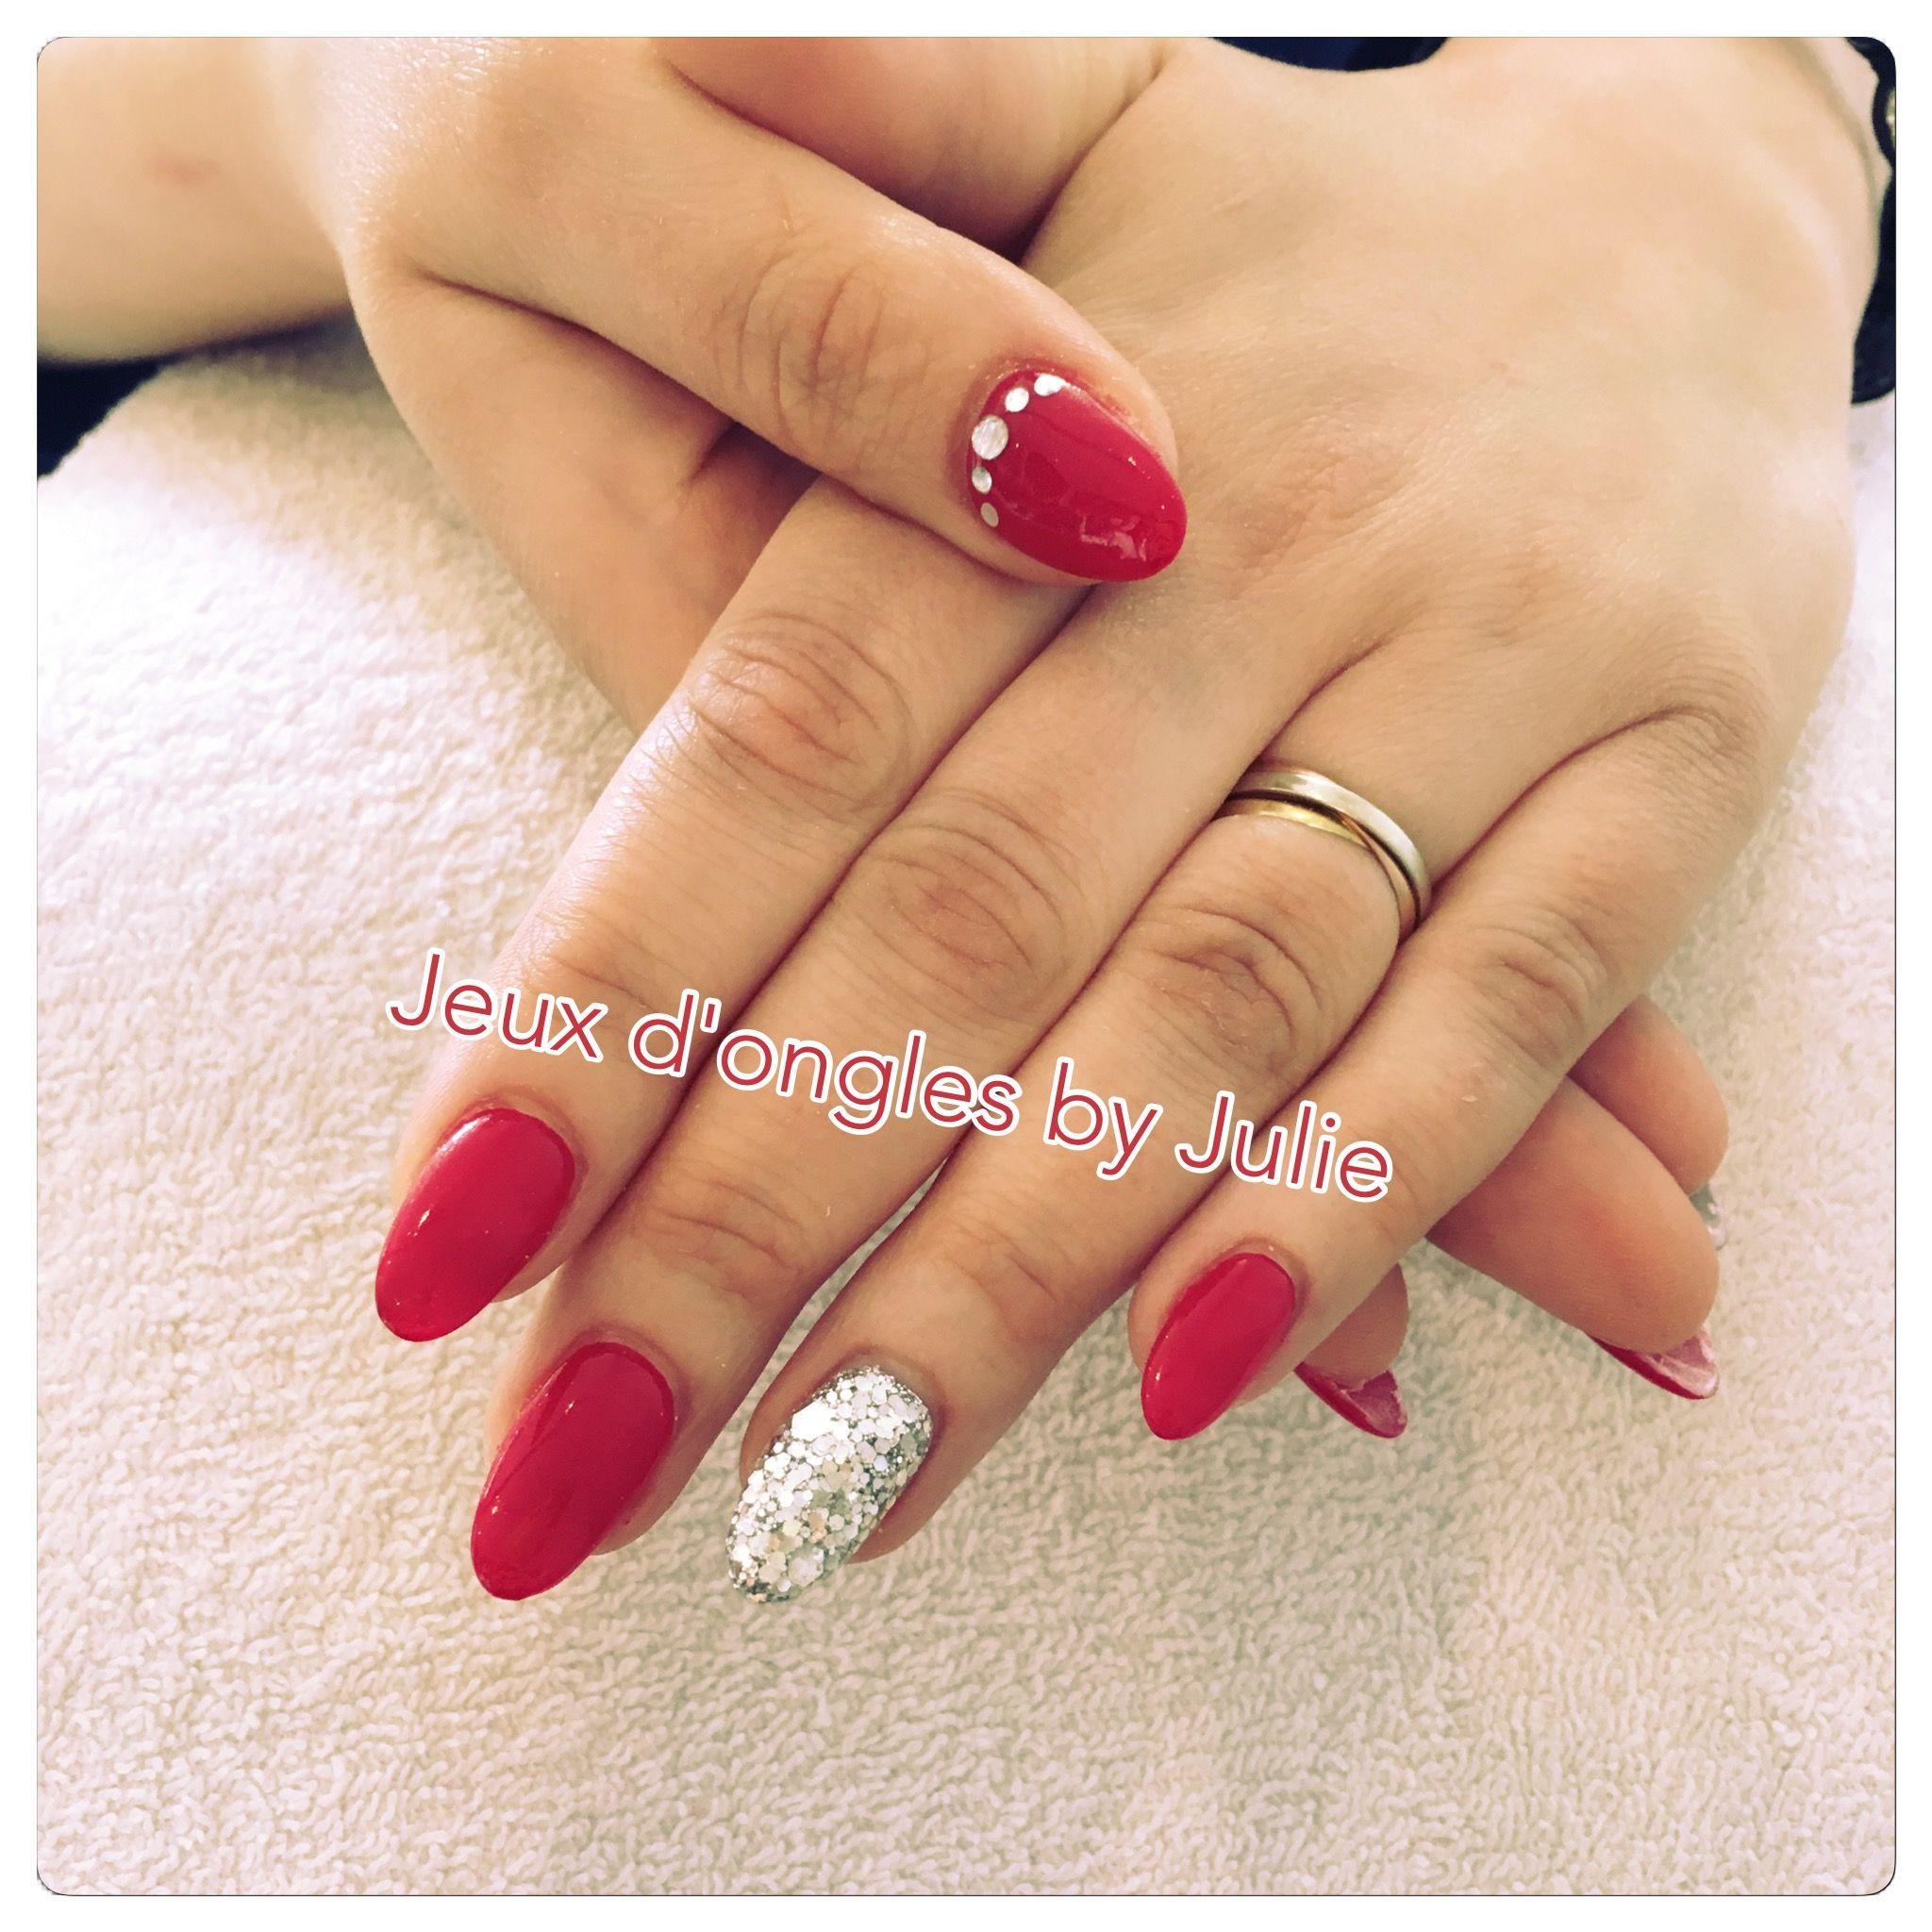 Gel rouge glamour avec un ongle pailleté argenté et strass